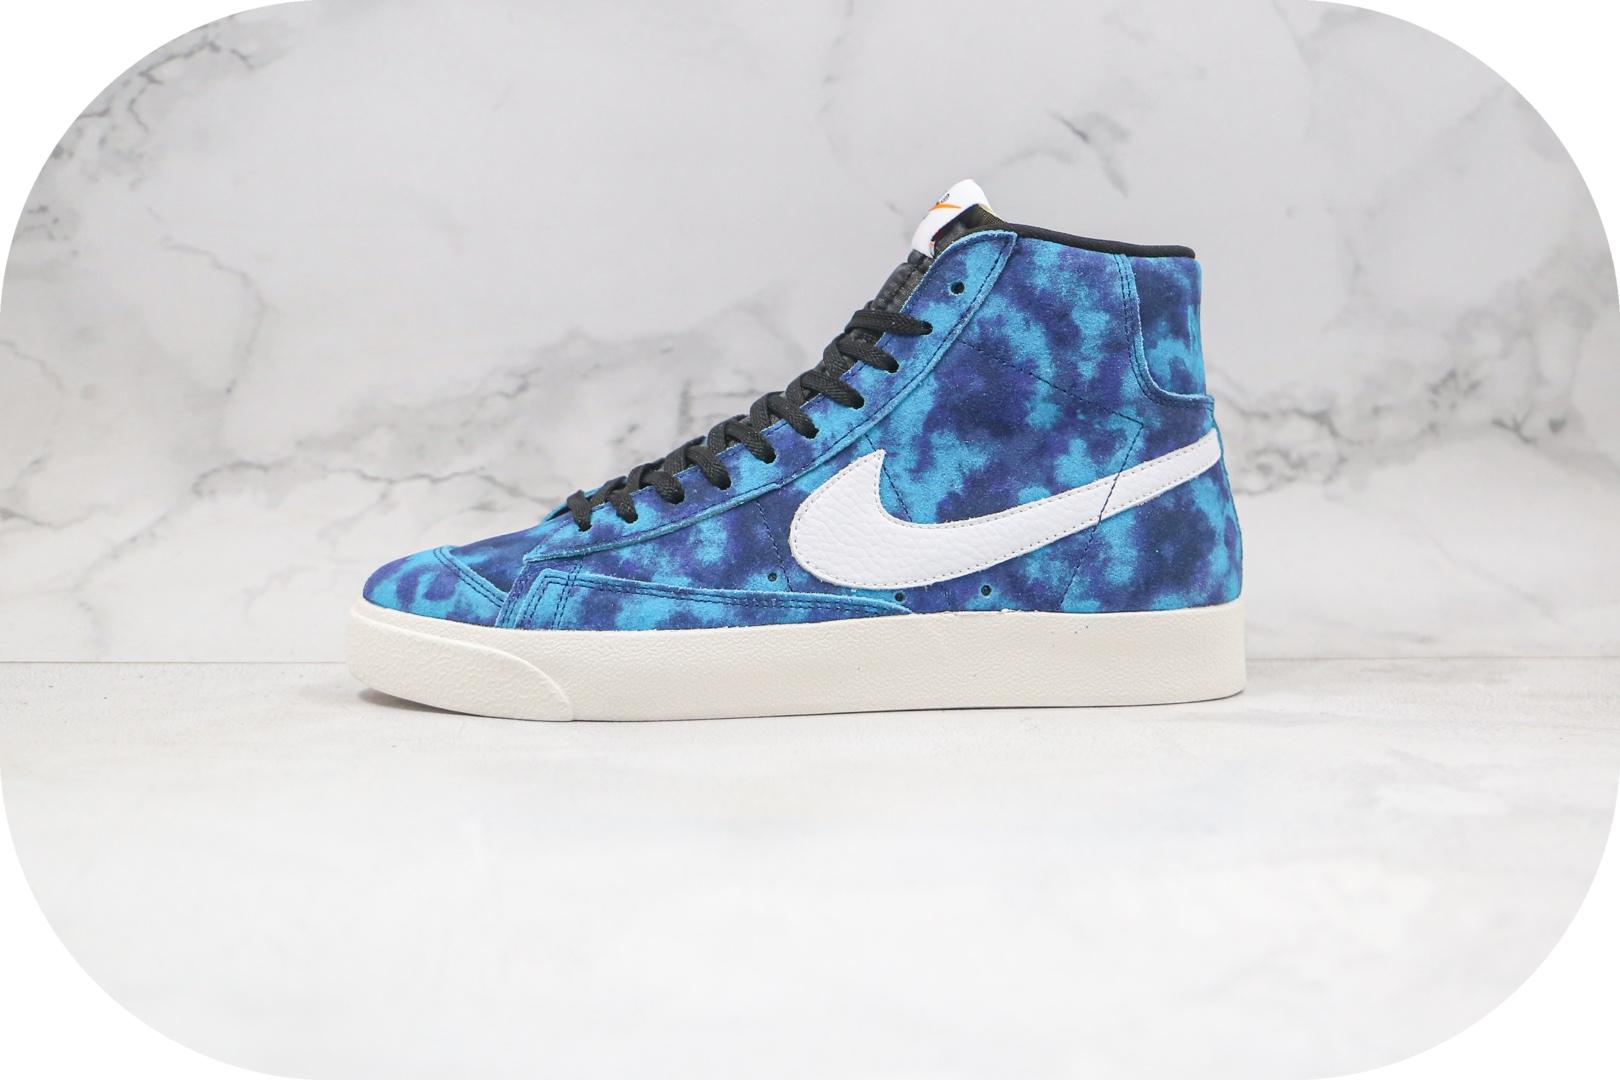 耐克Nike Blazer Mid Retro OG纯原版本中帮开拓者蓝色扎染板鞋原鞋开模一比一打造 货号:DA7575-991